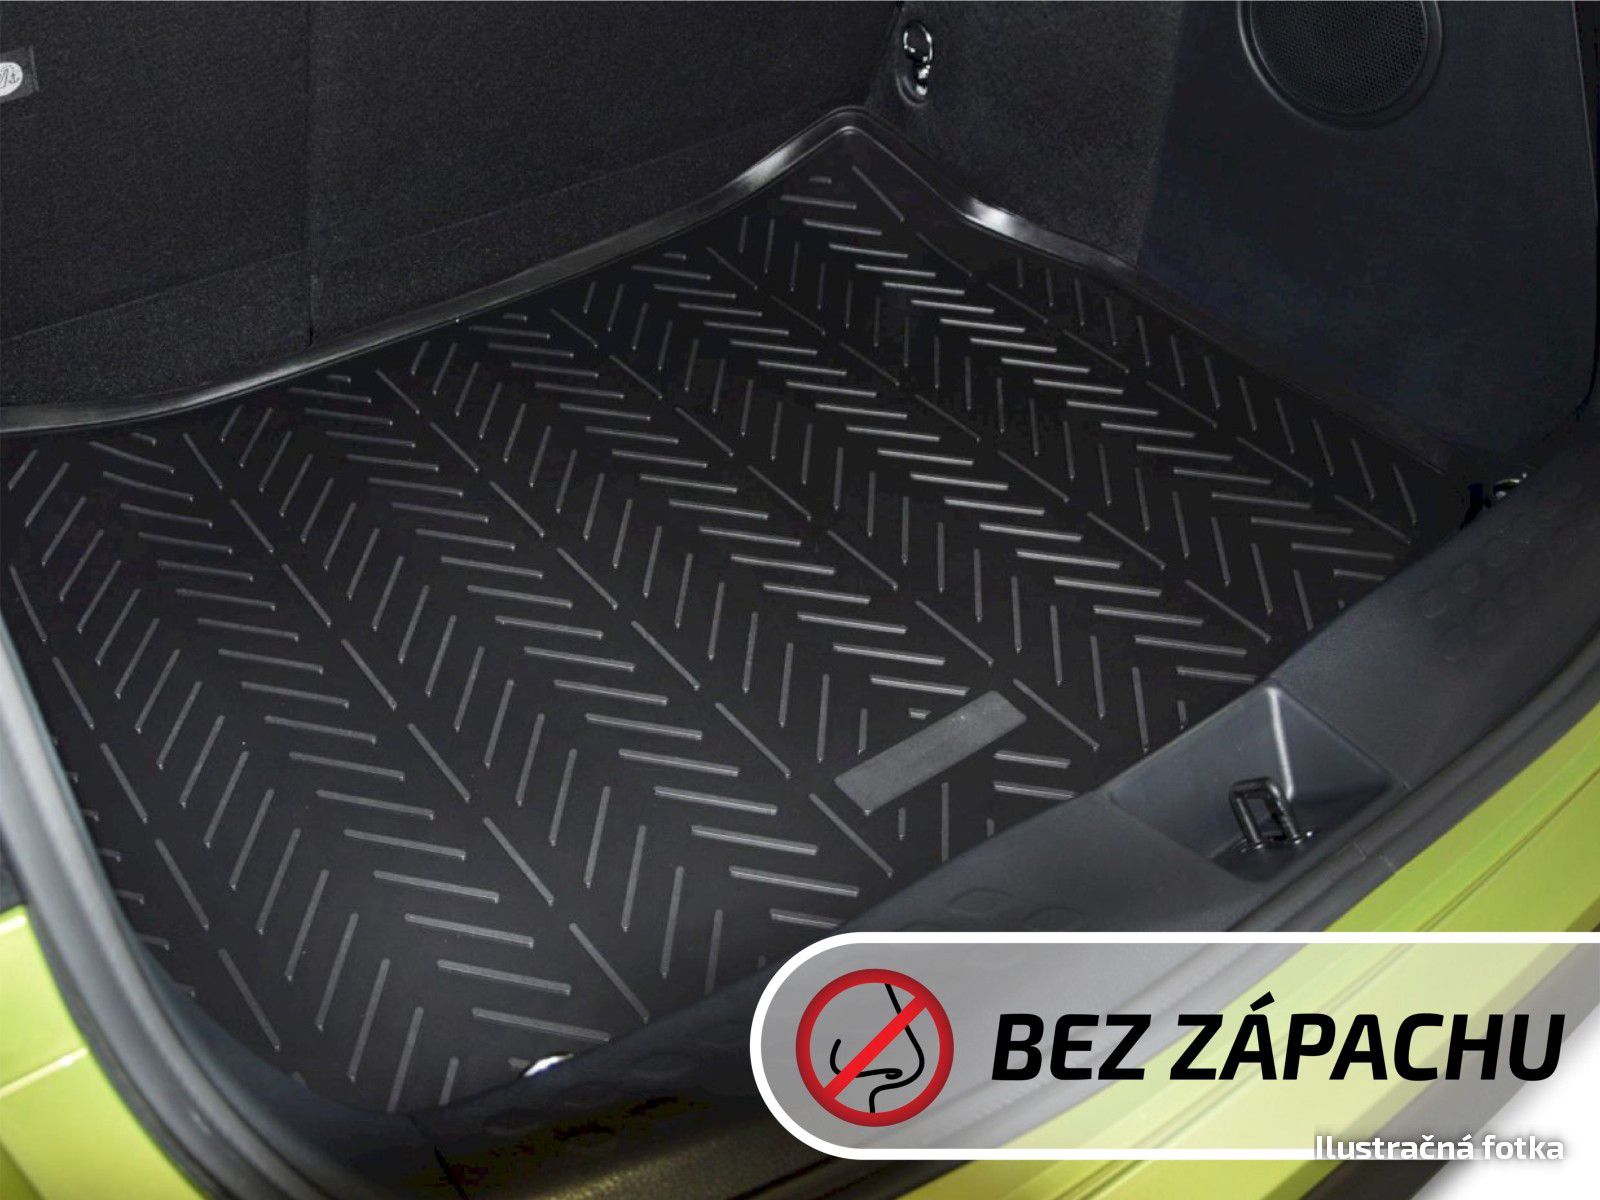 Poza cu Tavita de portbagaj Premium, Mazda 6, 2013-